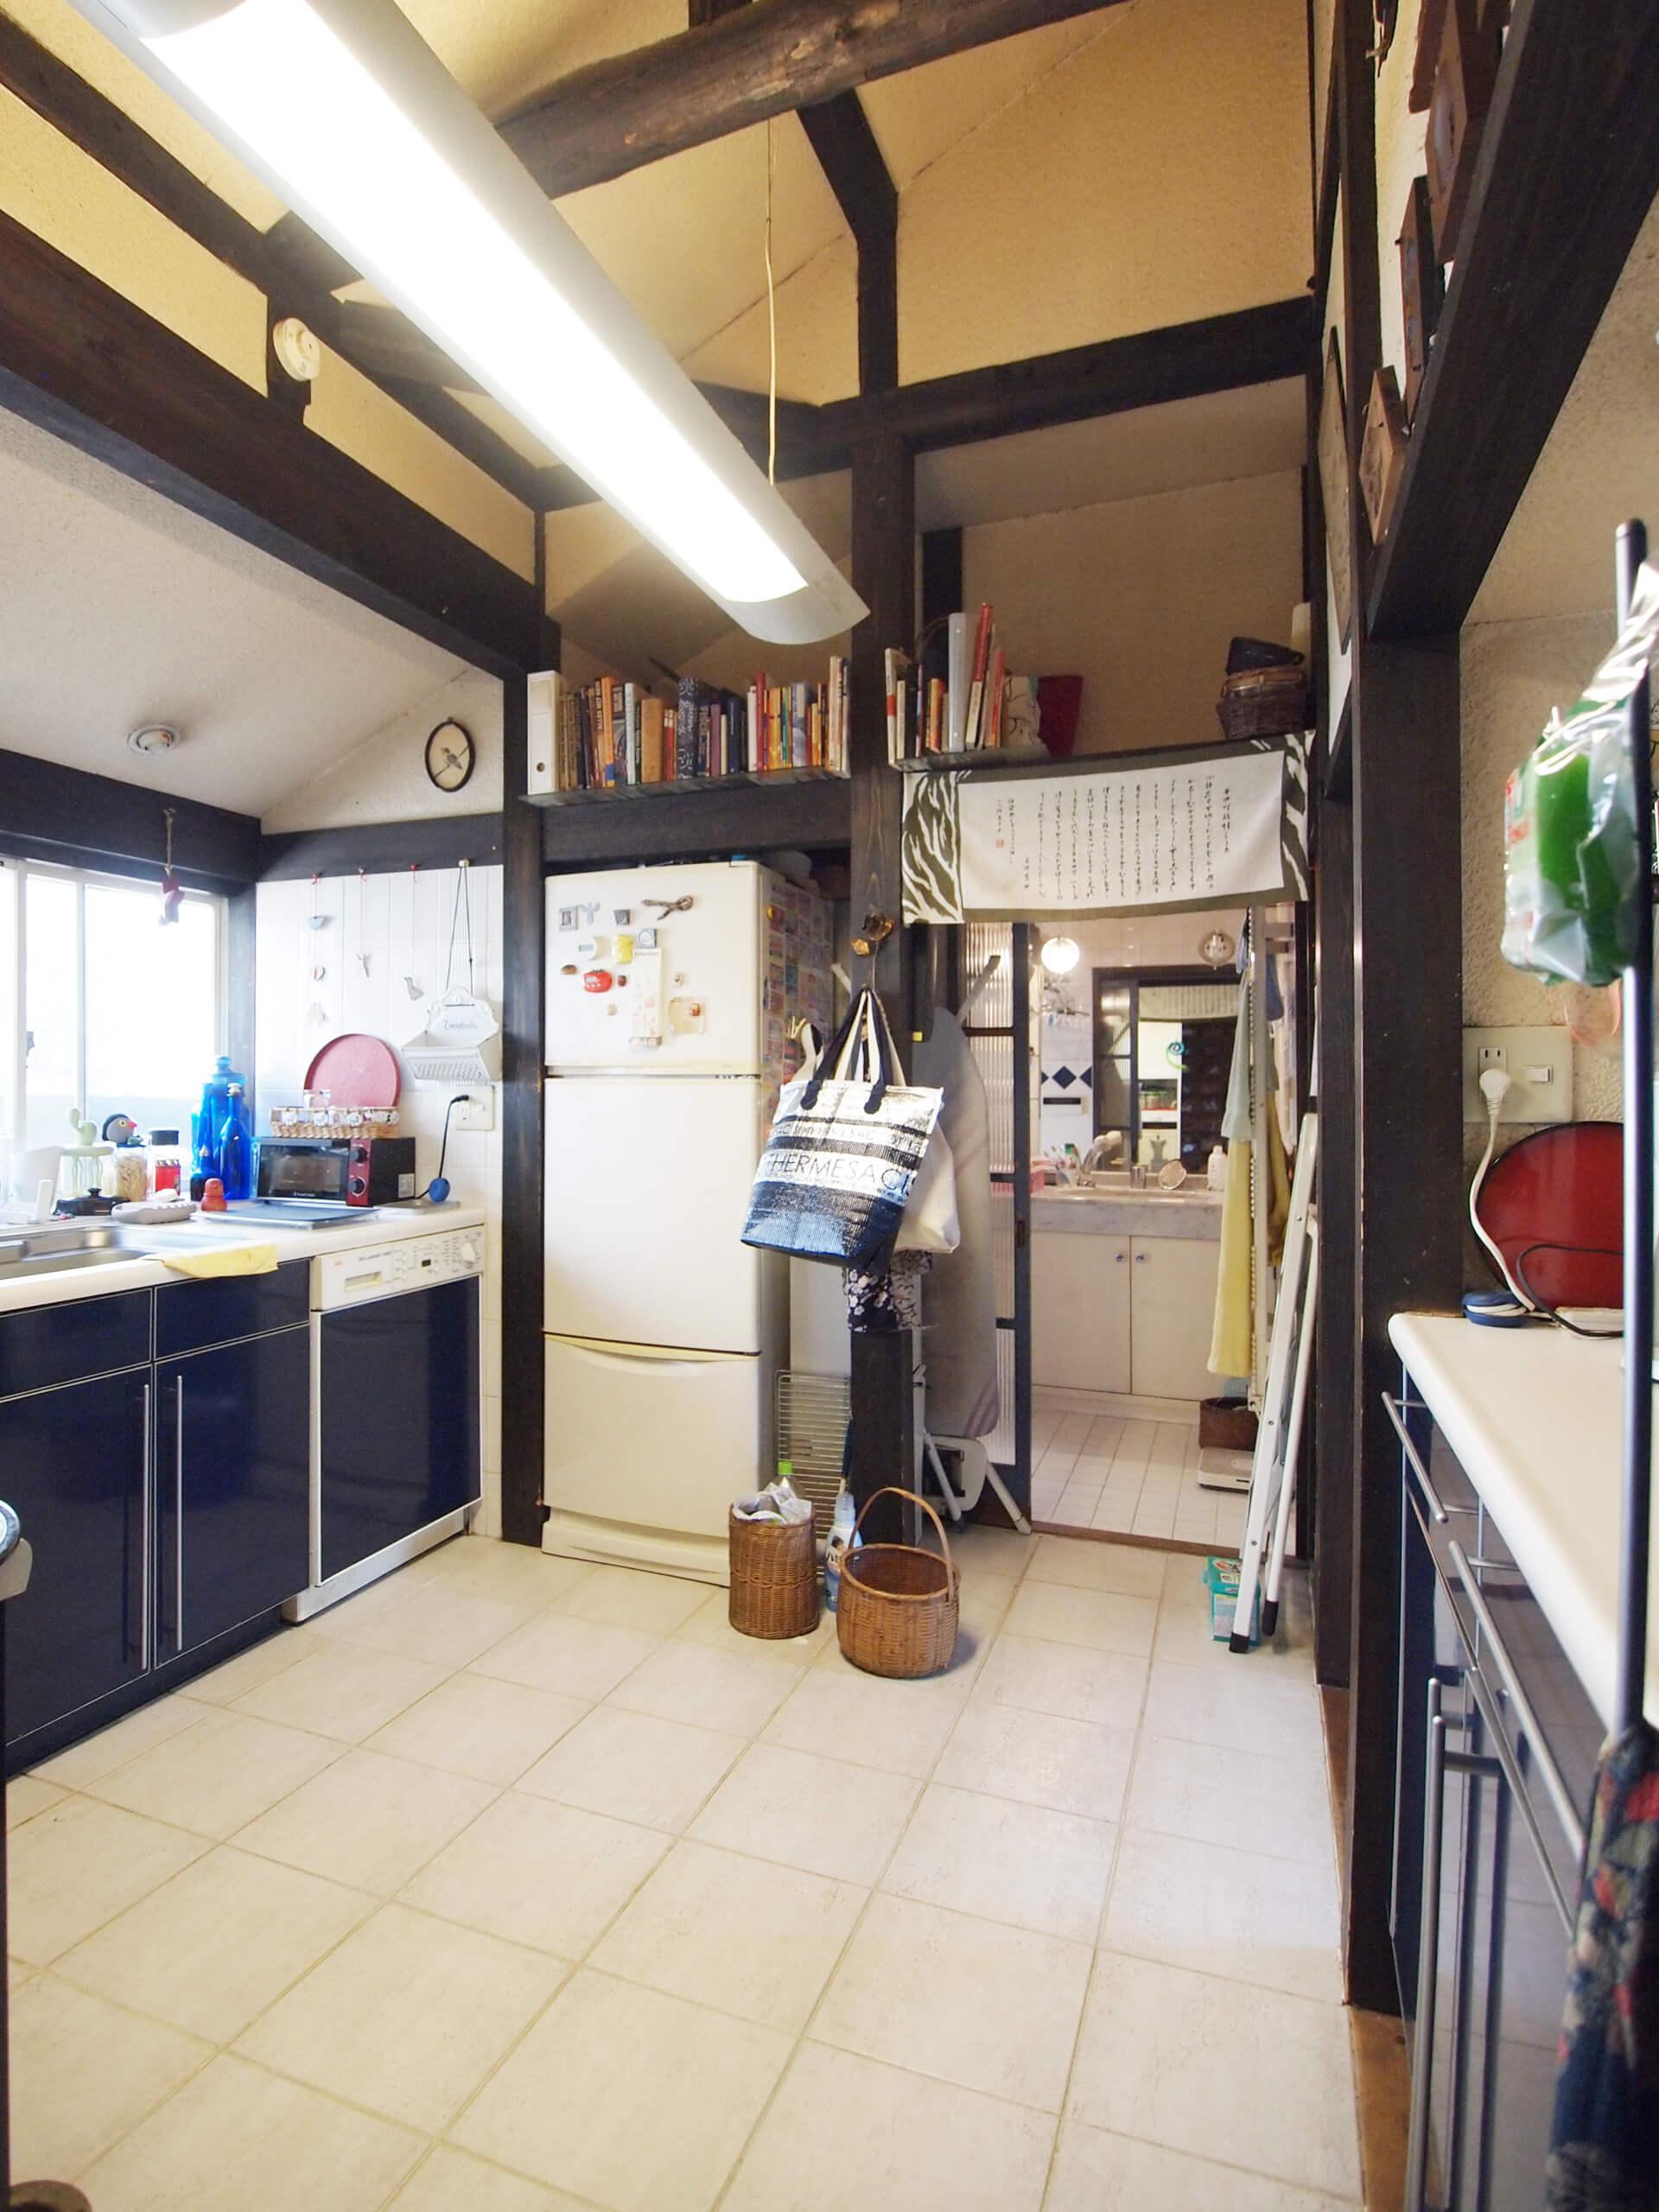 【キッチン】床がタイル貼りのキッチンスペース。天井が高く気持ちいい。床暖房付